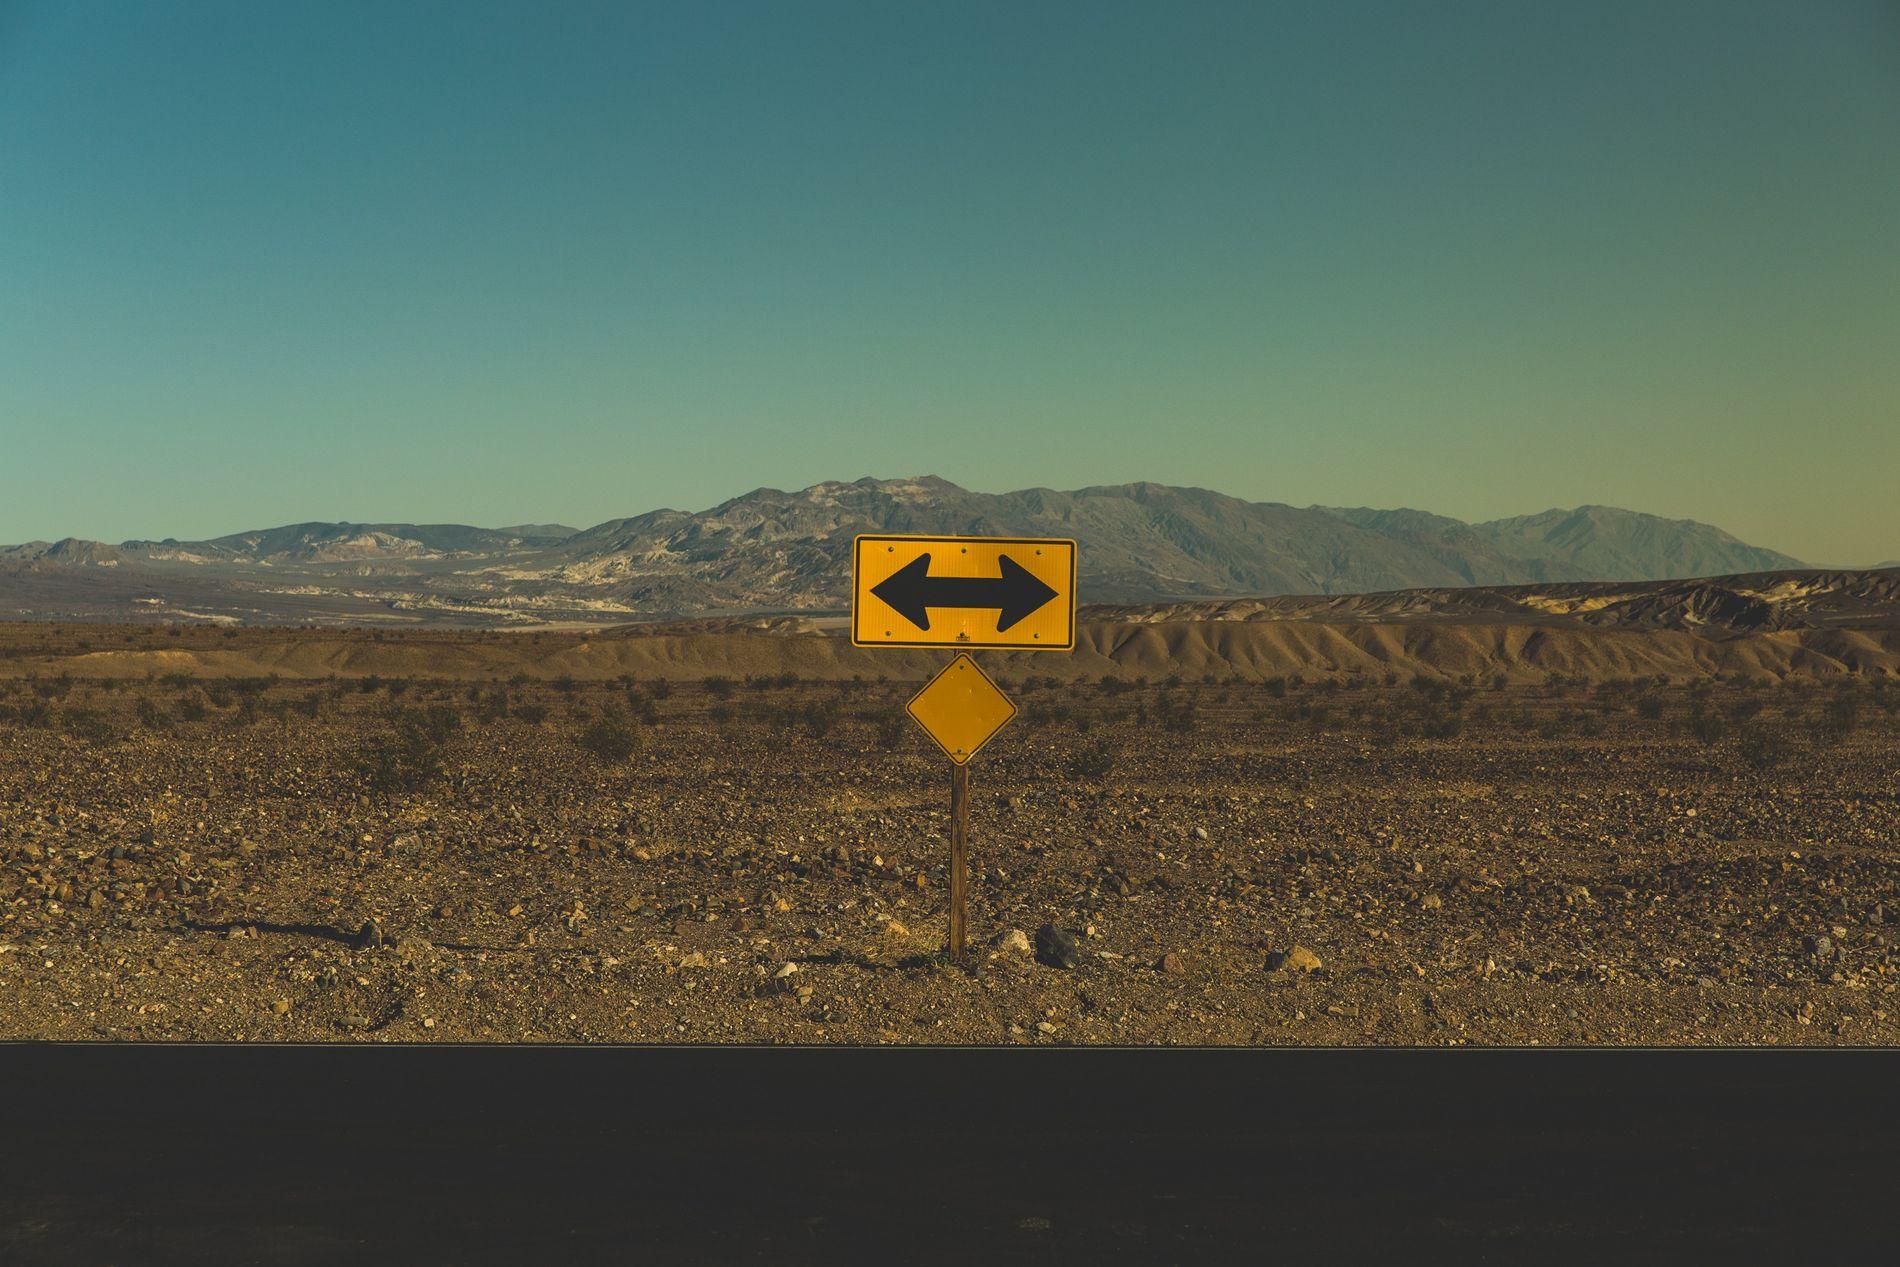 Wegweiser in der kargen Wüste